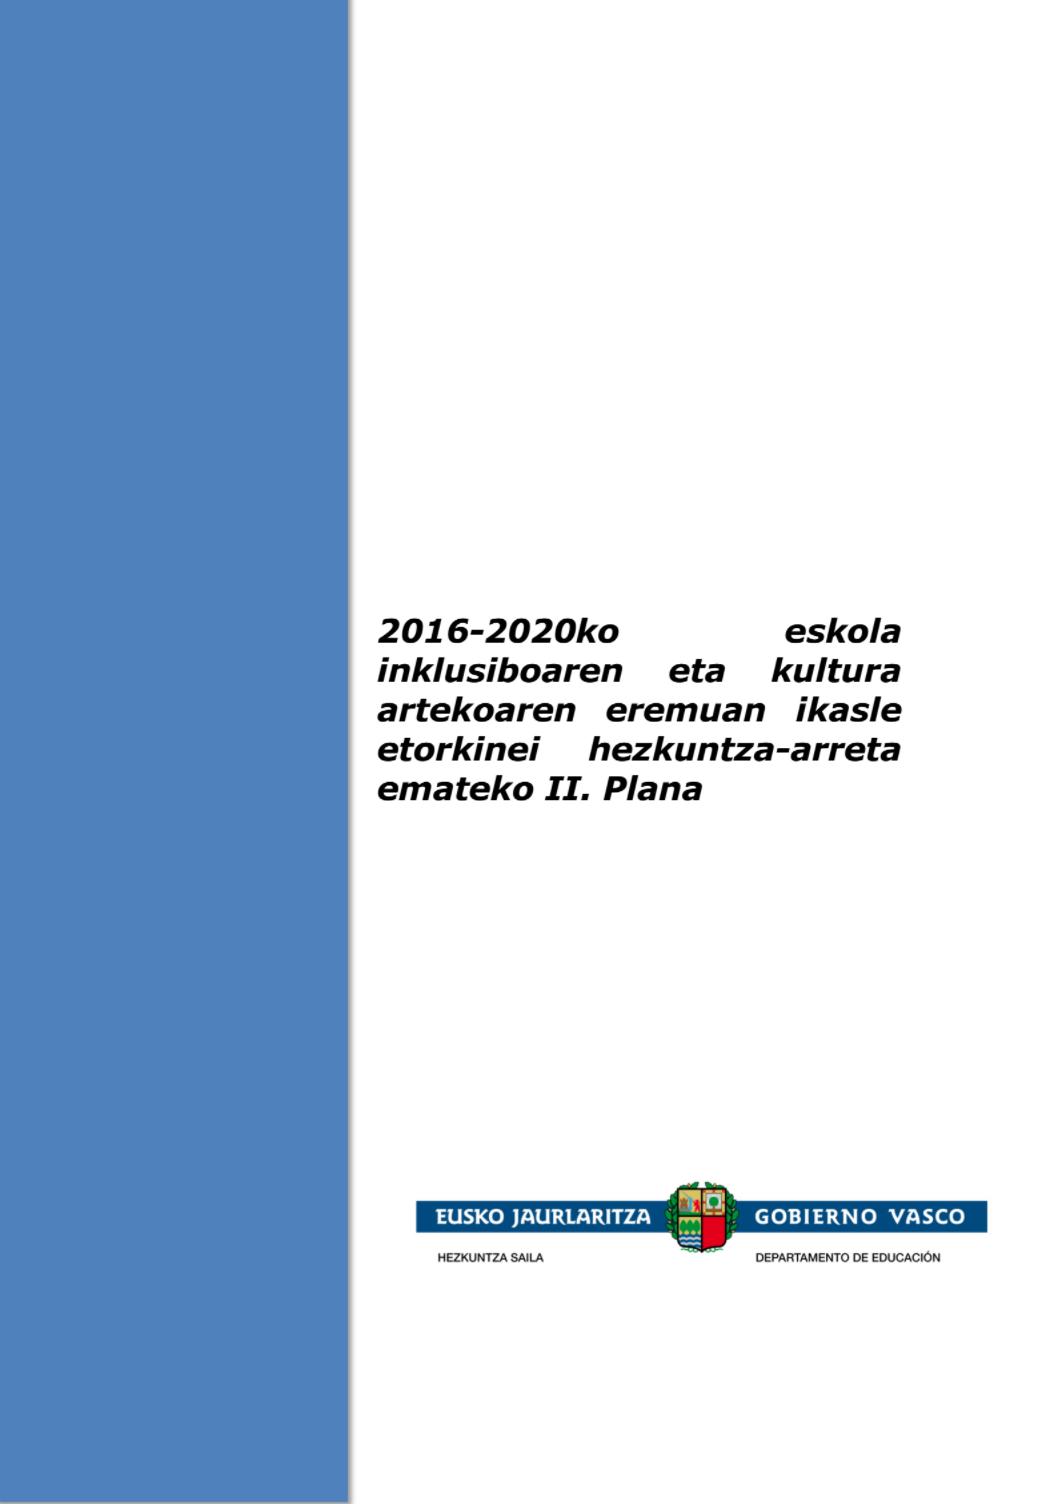 IKASLE ETORKINEI ARRETA EMATEKO II.PLANA